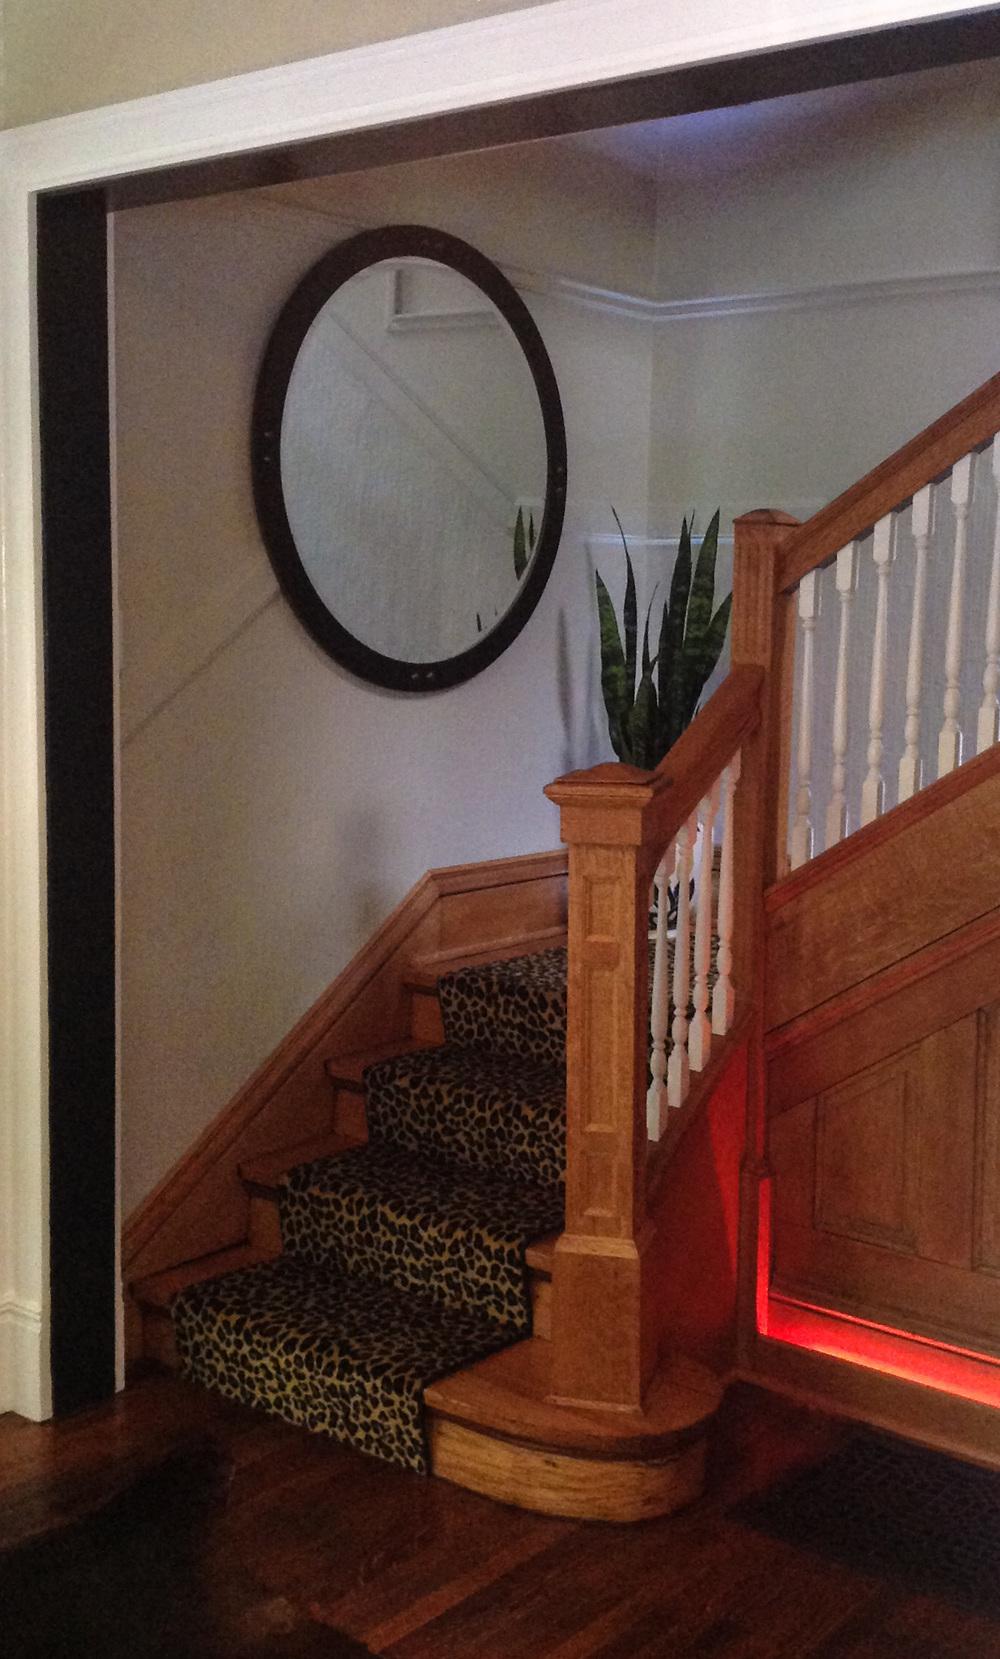 judee-staircase.jpg